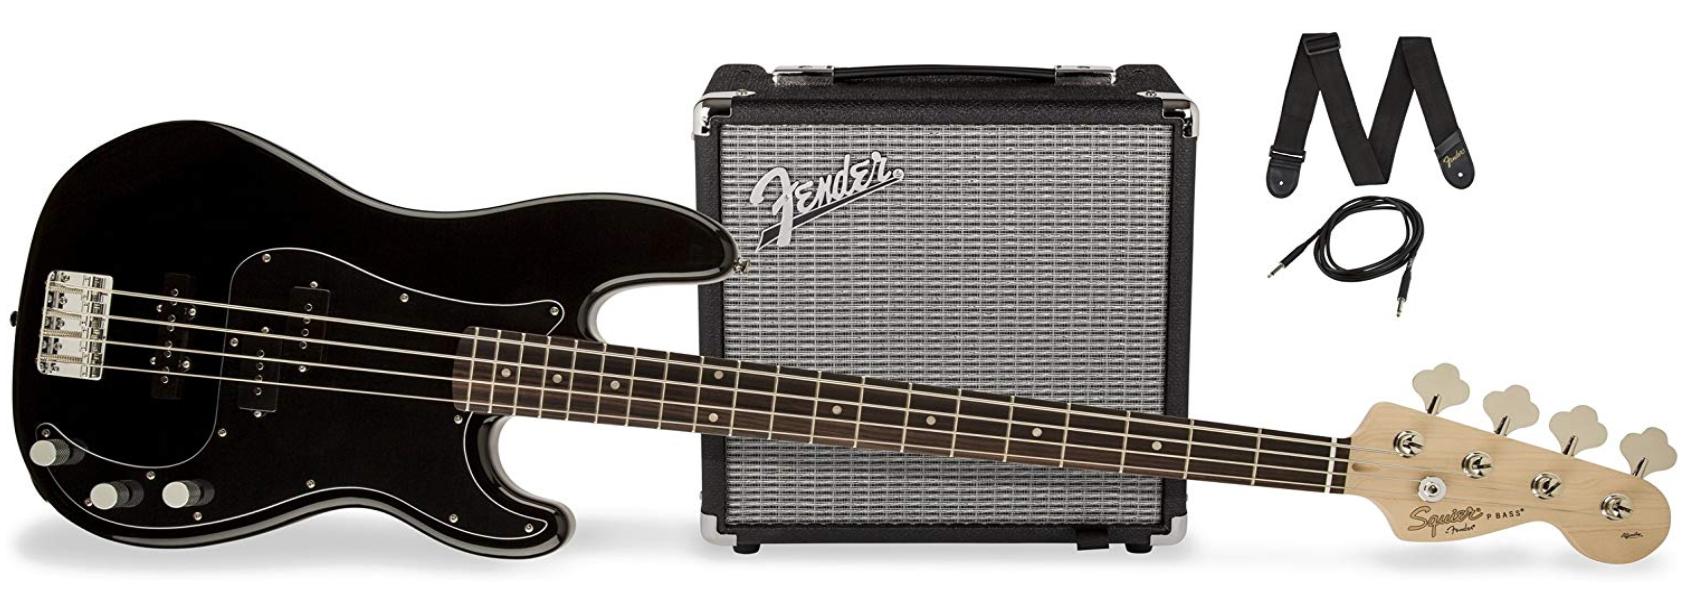 Fender Bass Beginner Pack